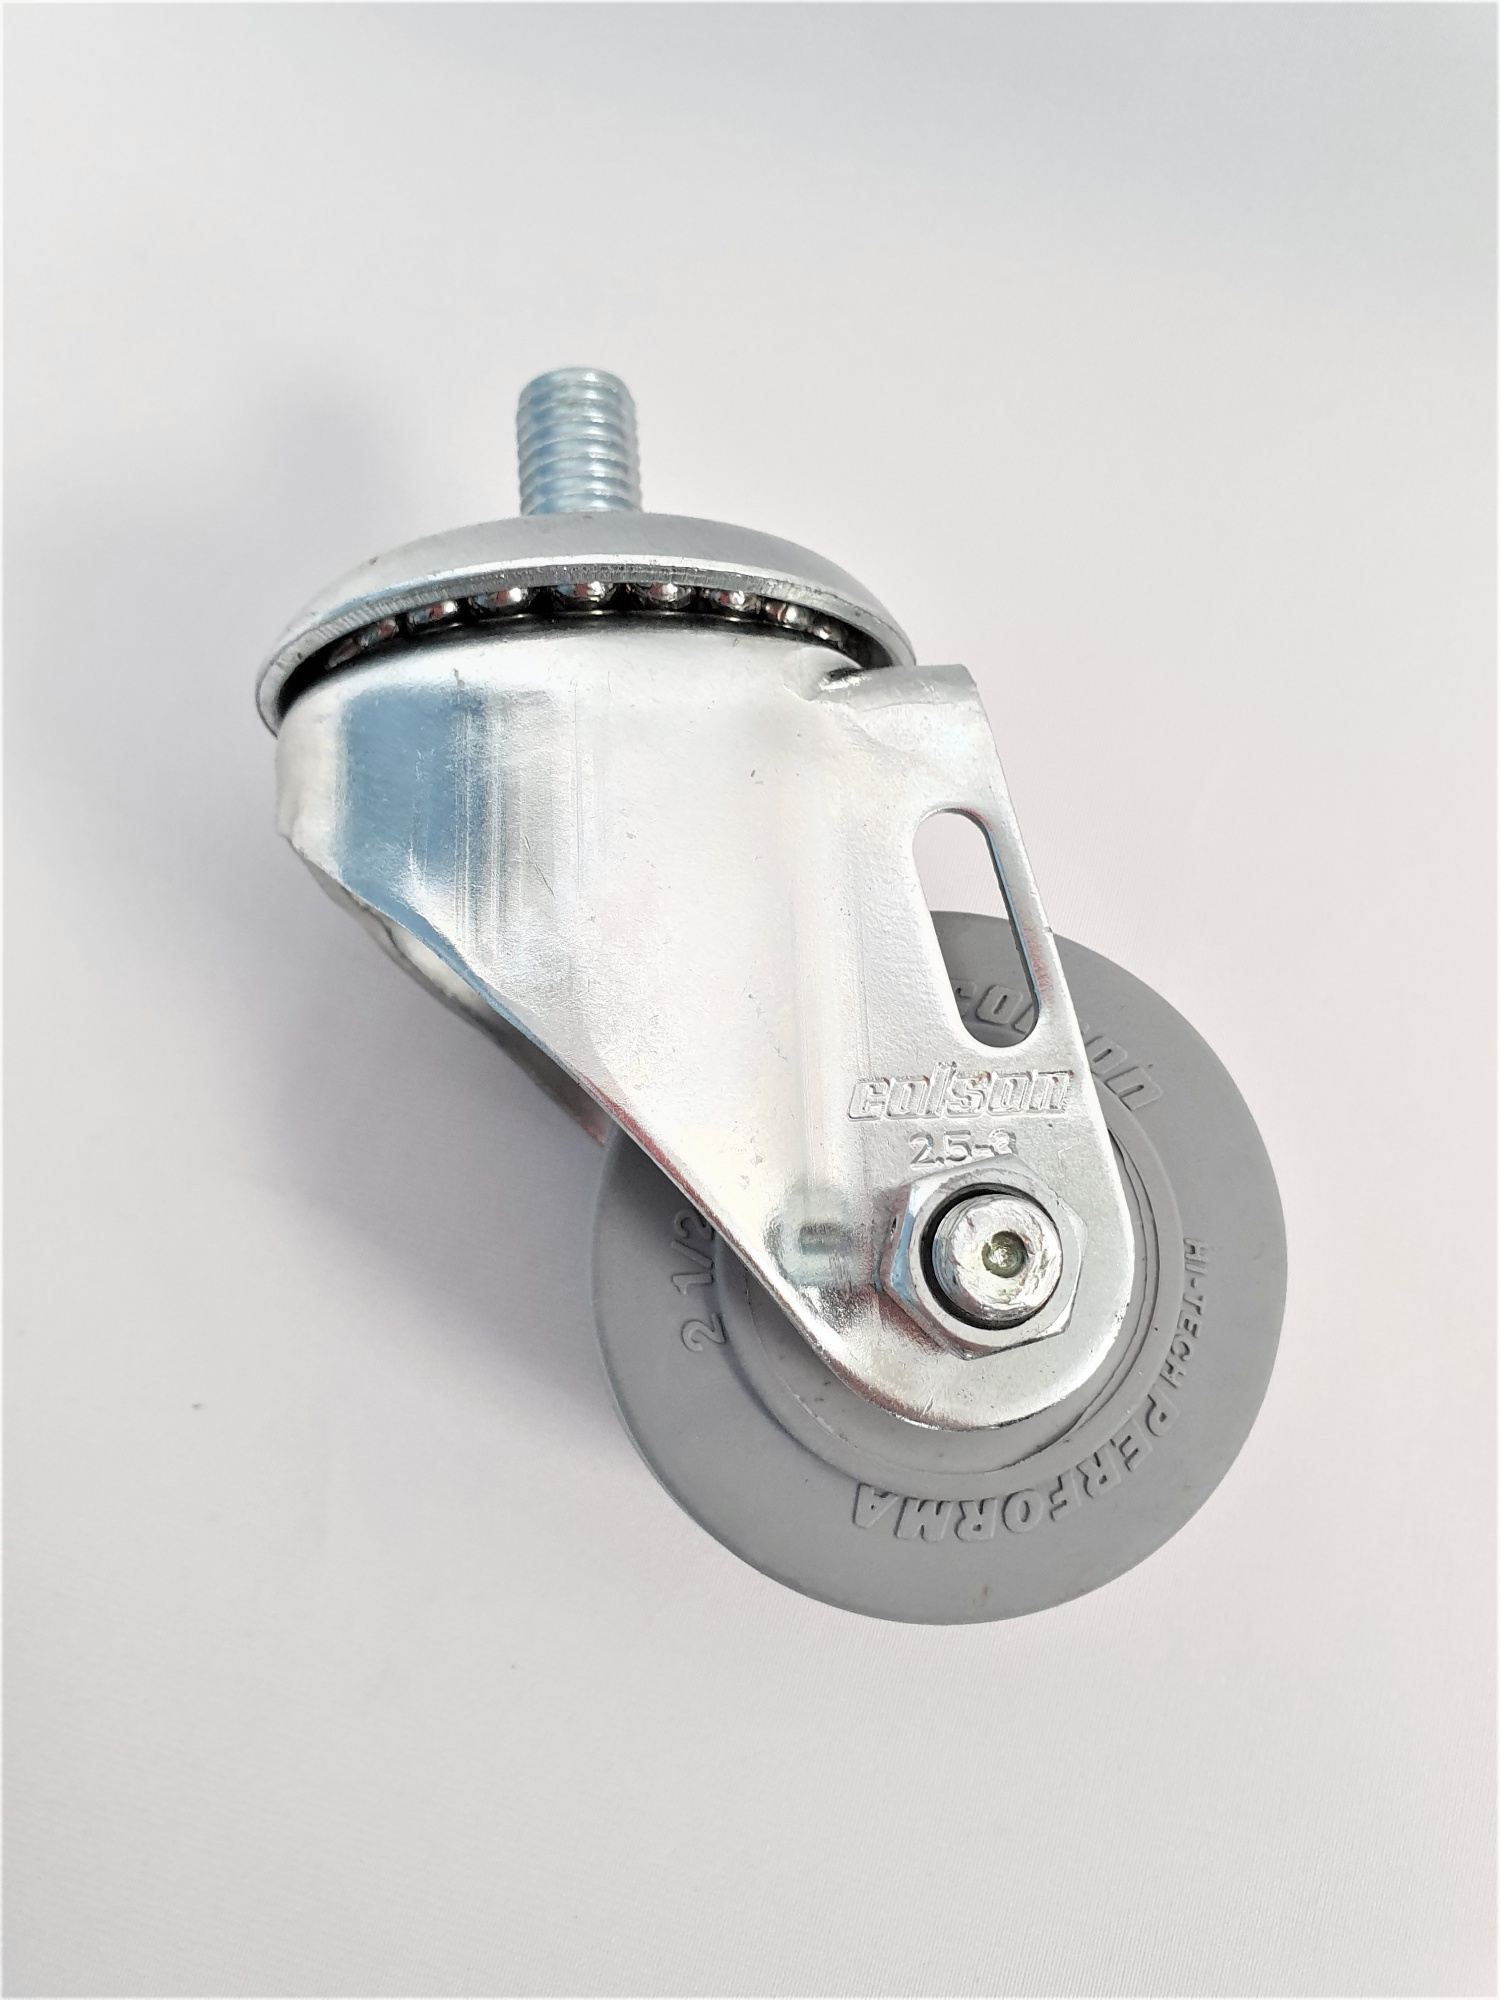 Roulette de réglage suceur pour Autolaveuse TENNANT 7100 / 70